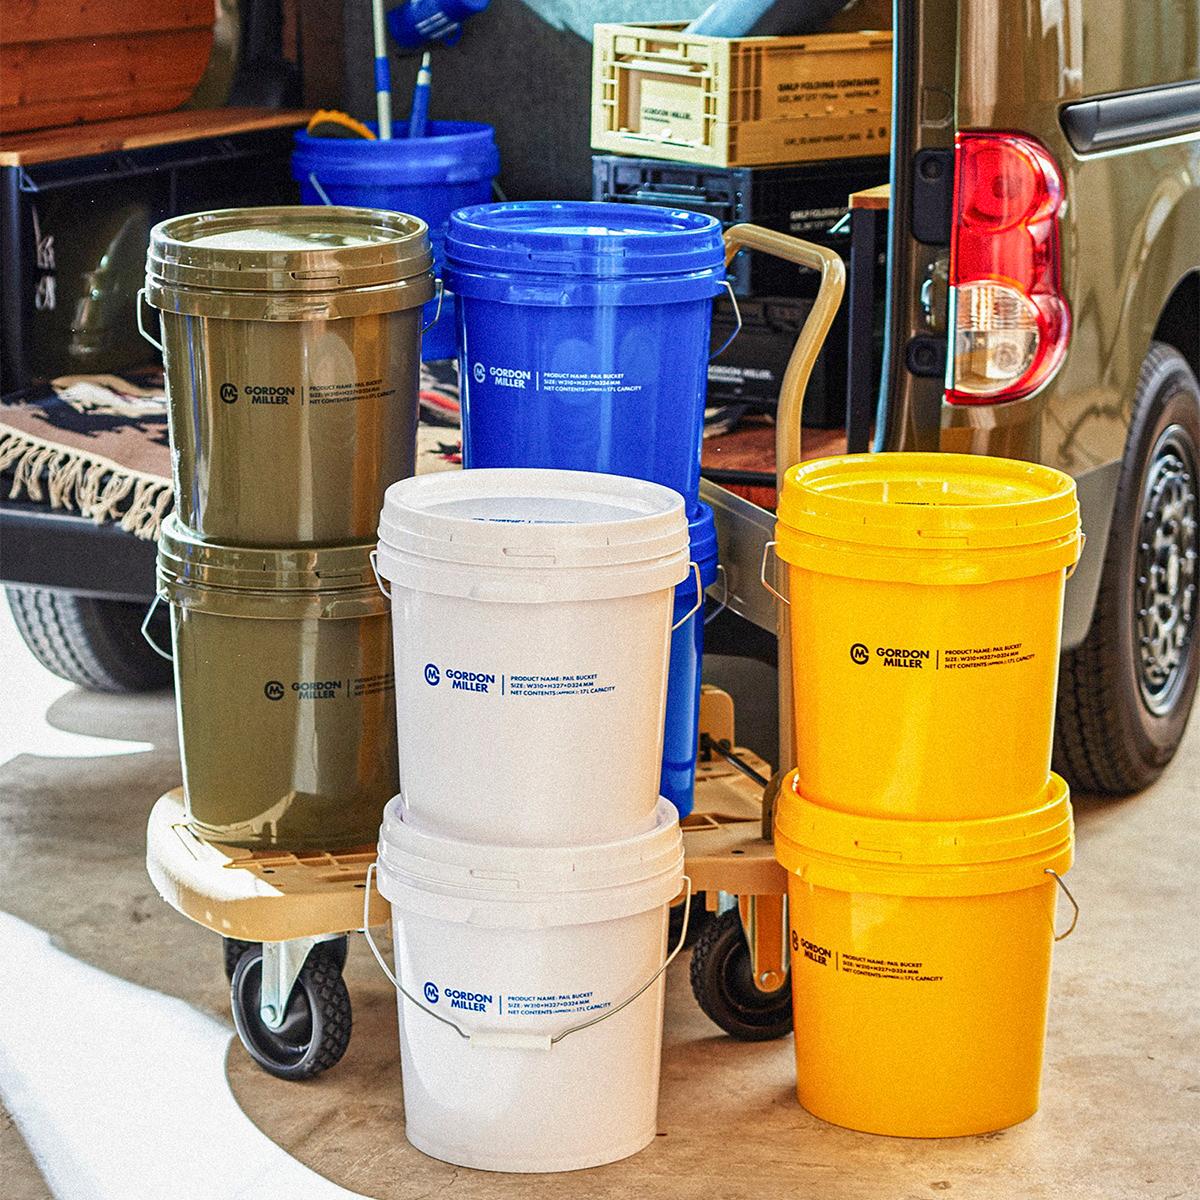 面倒だった掃除の時間が、道具ひとつでこんなに楽しくなる。車用品のオートバックスから生まれたプロ仕様。スタイリッシュでオシャレな気分が上がる掃除道具。カー用品のオートバックスから生まれた『GORDON MILLER』(ゴードンミラー)